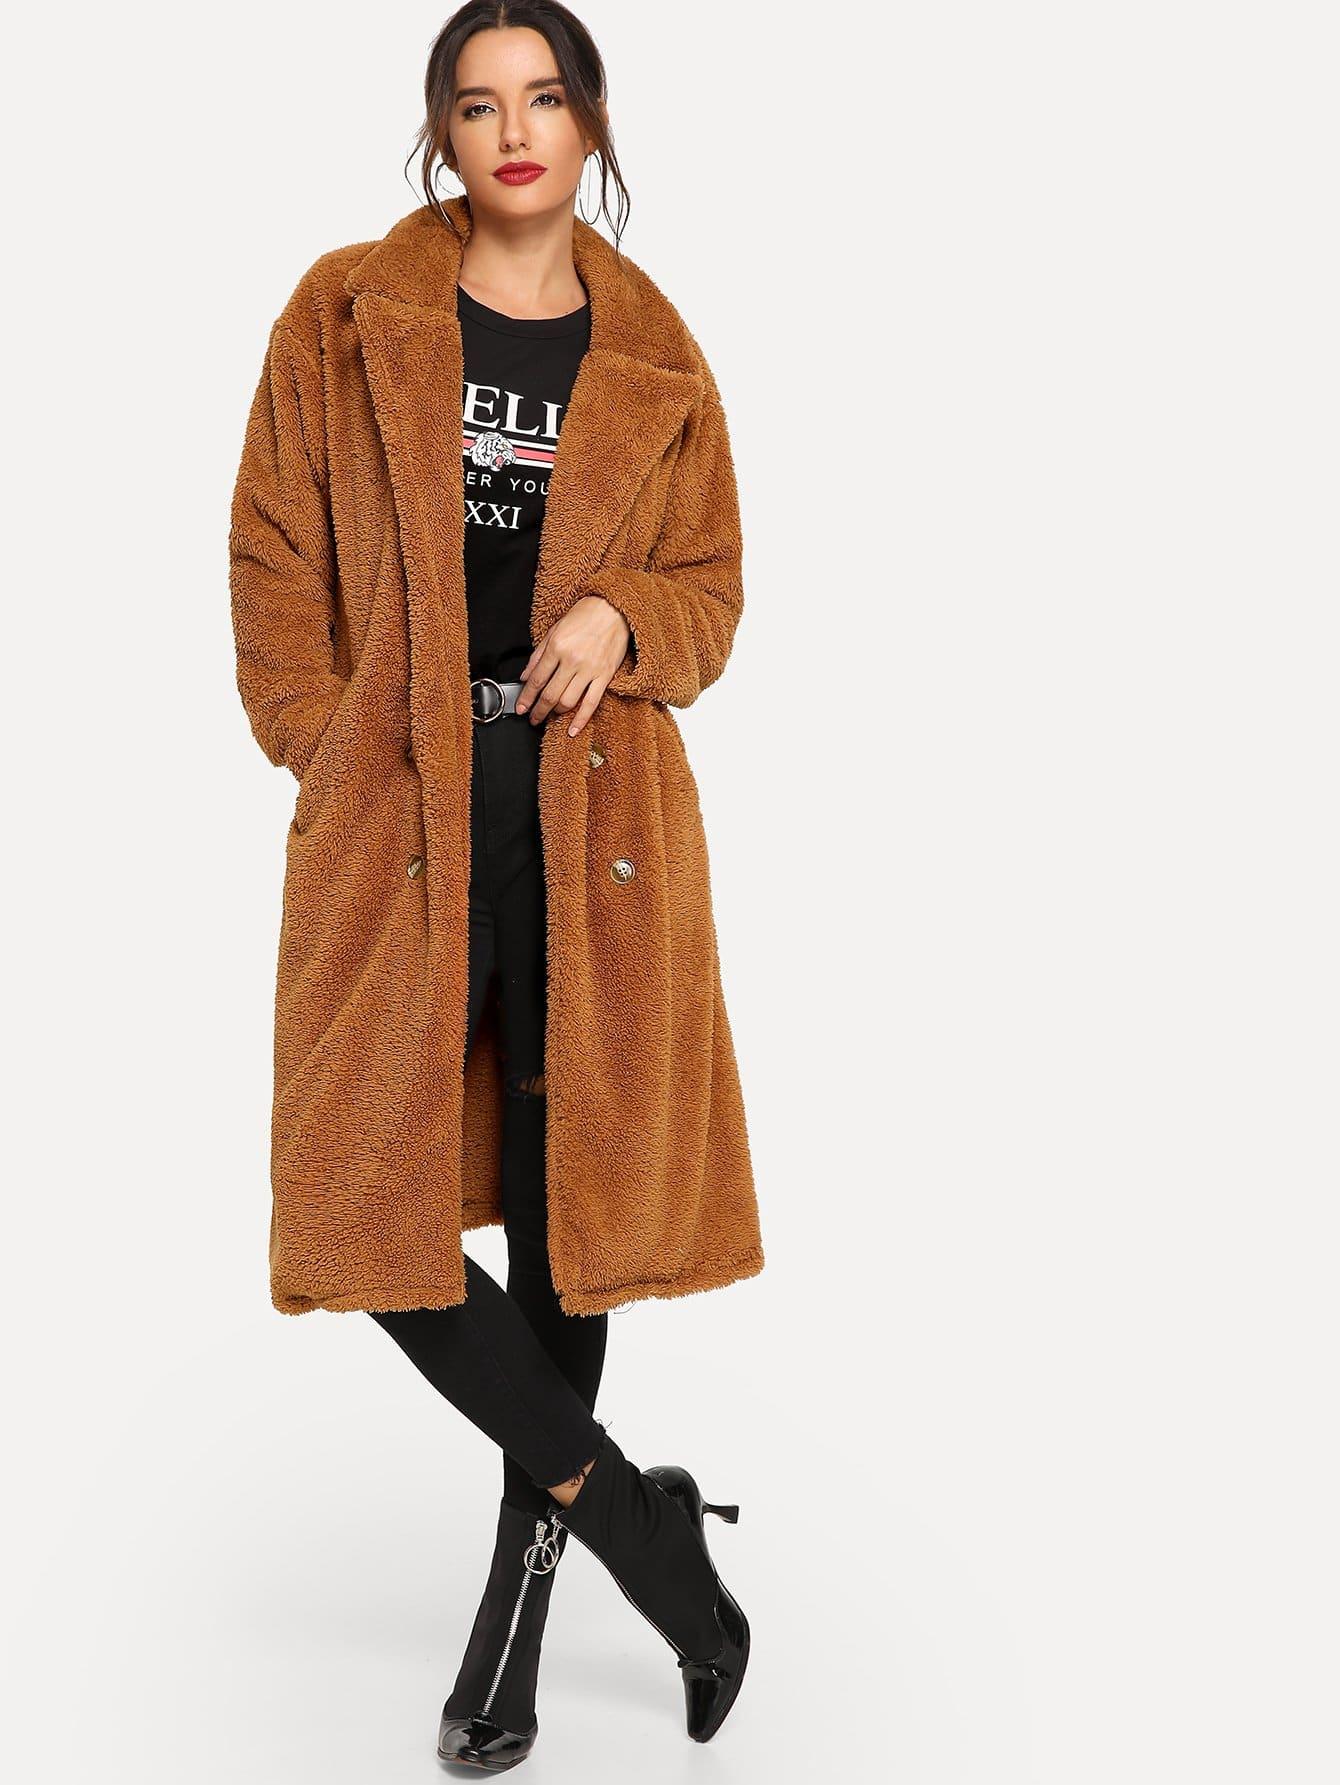 Купить Повседневный стиль Одноцветный пальто Желтовато бурый Пальто, Juliana, SheIn